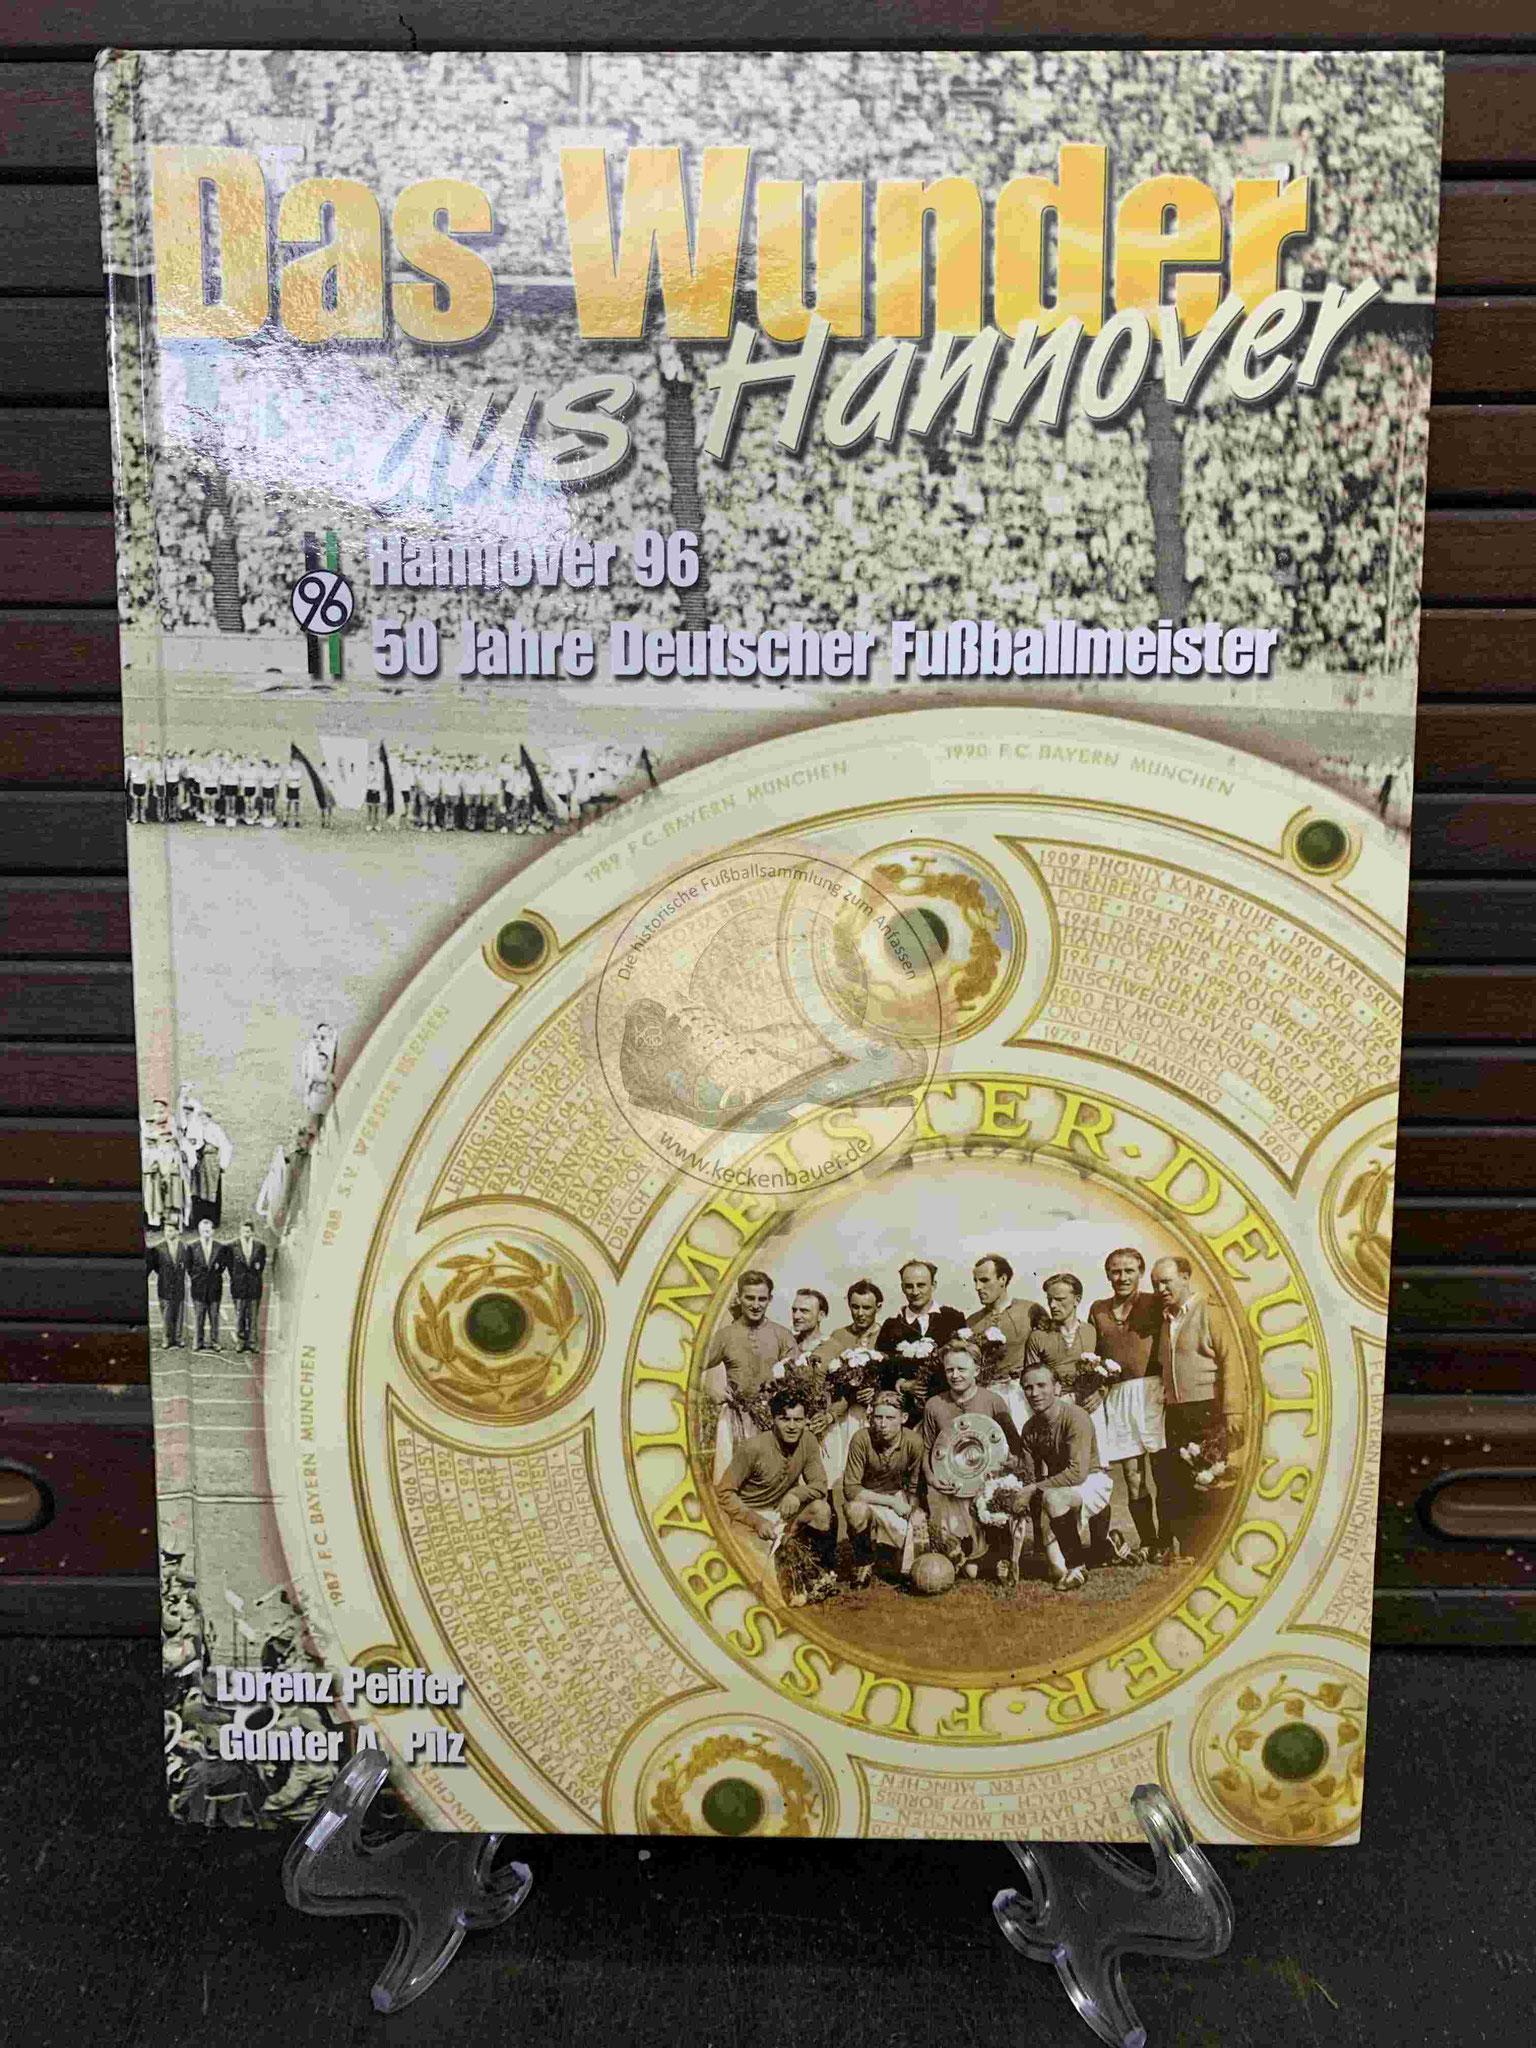 Das Wunder aus Hannover  Hannover96 50 Jahre deutscher Fußballmeister aus dem Jahr 2004